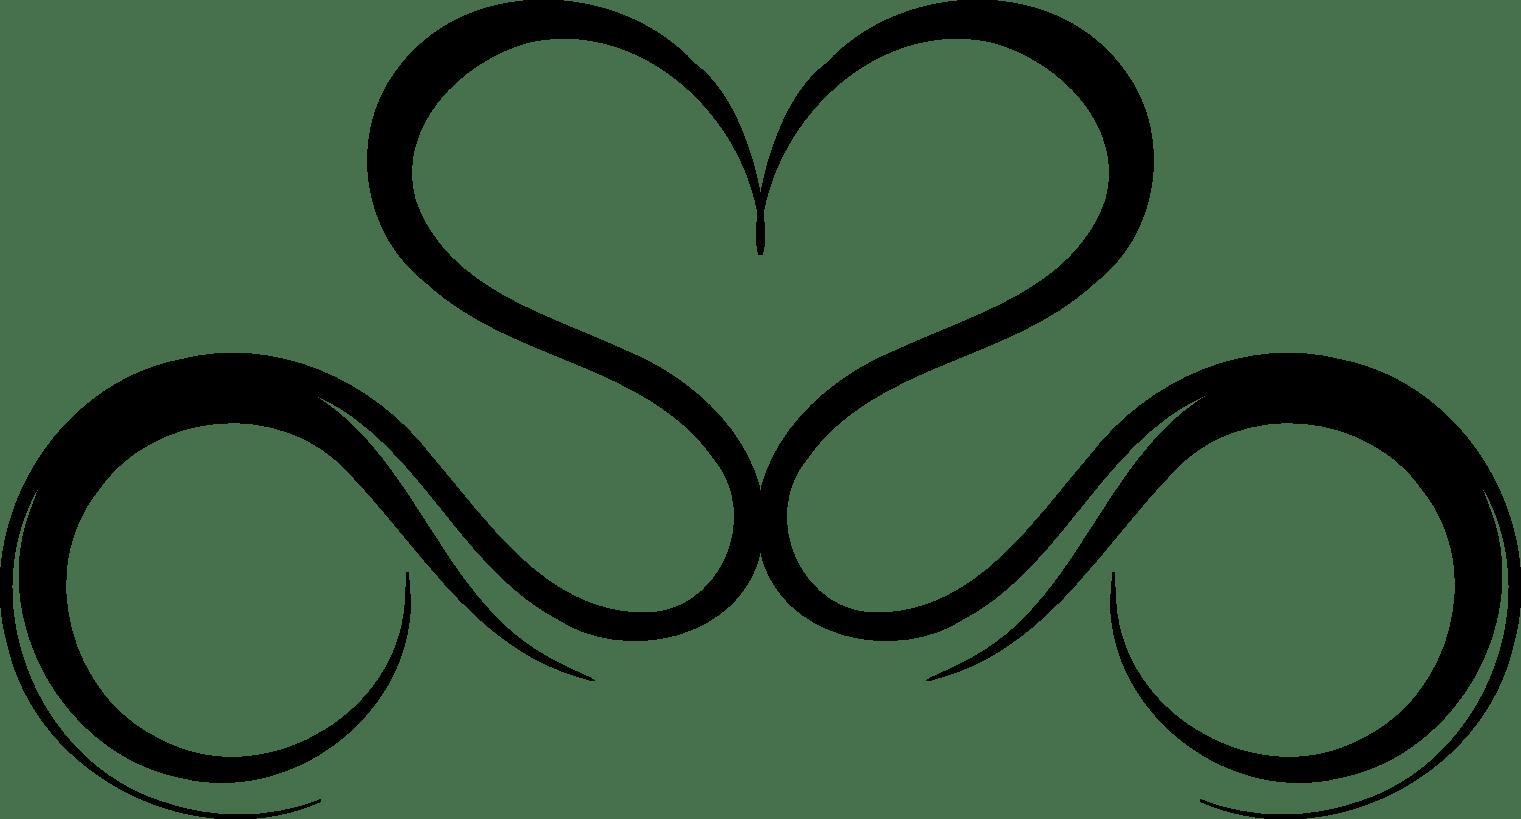 Simple Heart Drawings